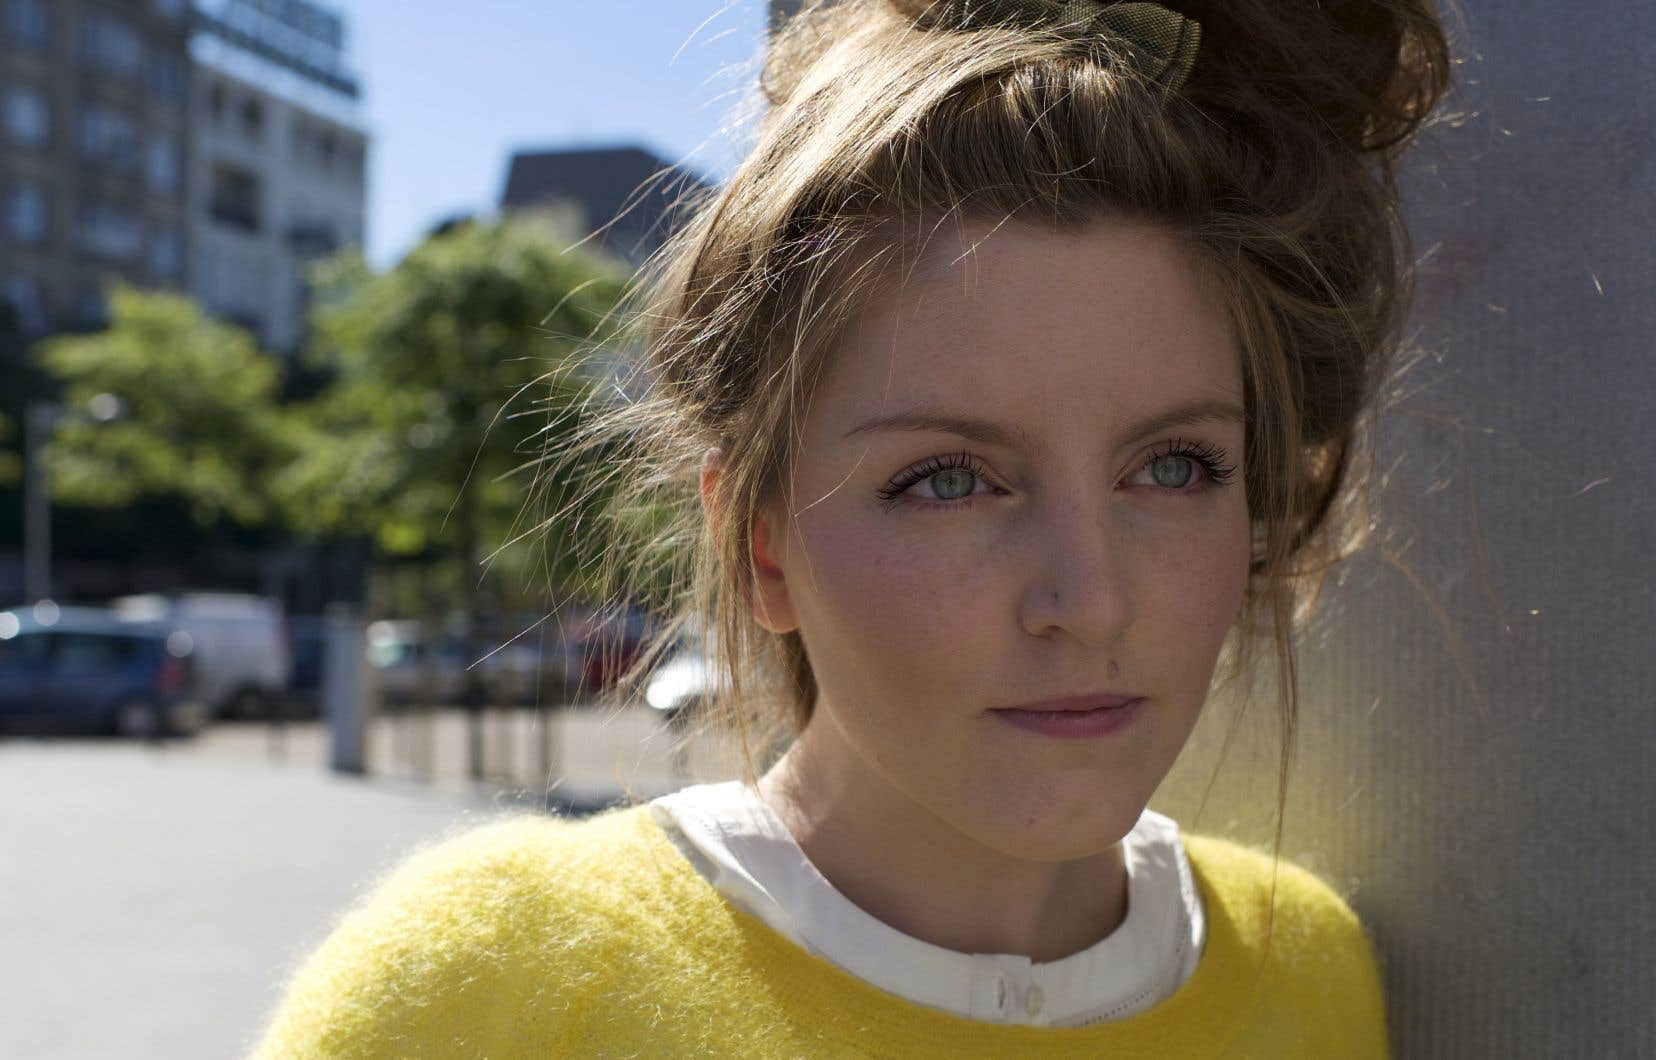 Née en 1988, Lize Spit a étudié en cinéma et enseigne l'écriture de scénario.